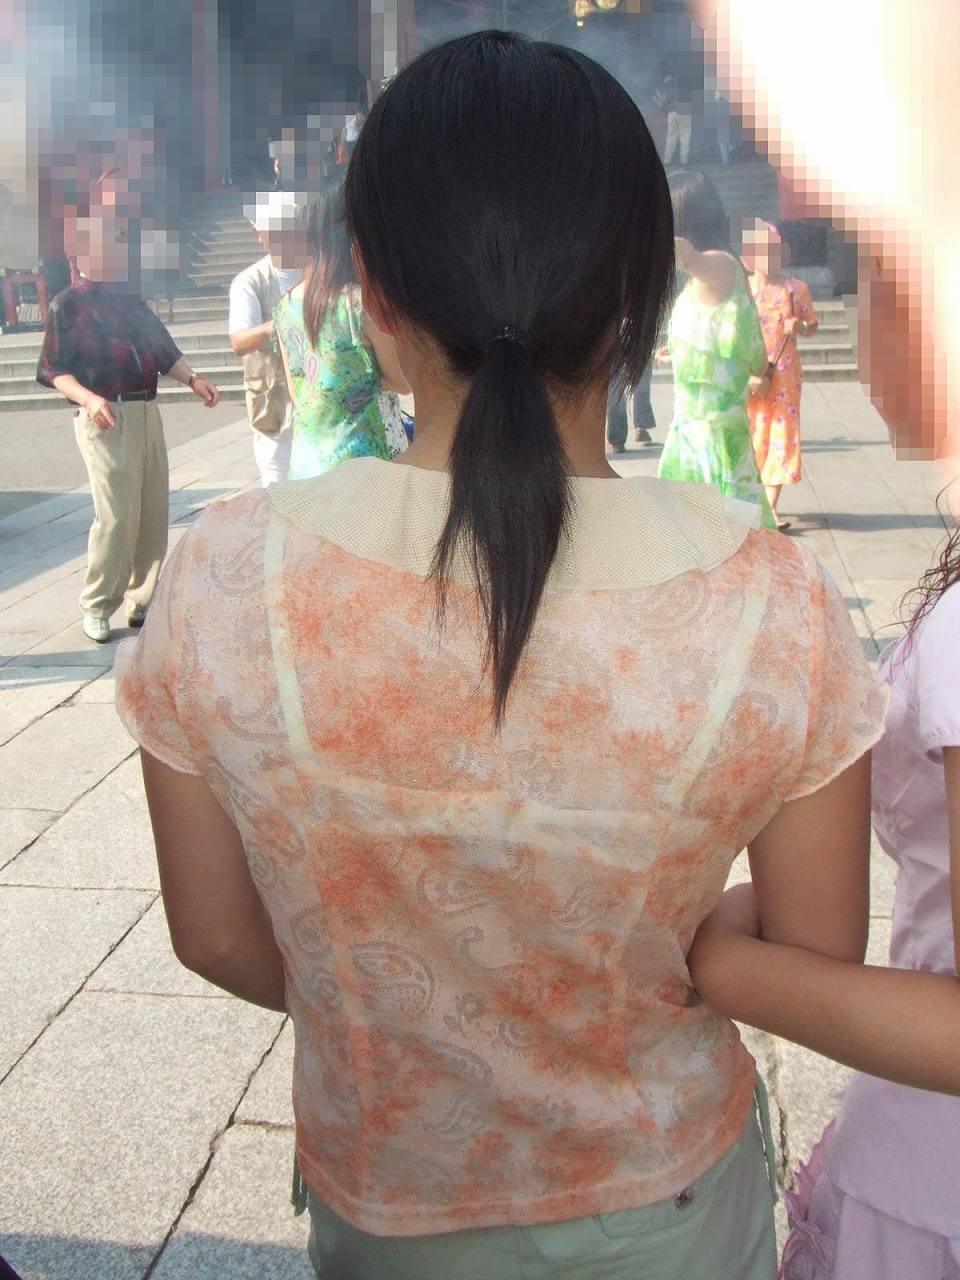 ブラの後ろ 人妻 【透けブラエロ画像】暑くなったらブラ透けまくりww背中だけでなく